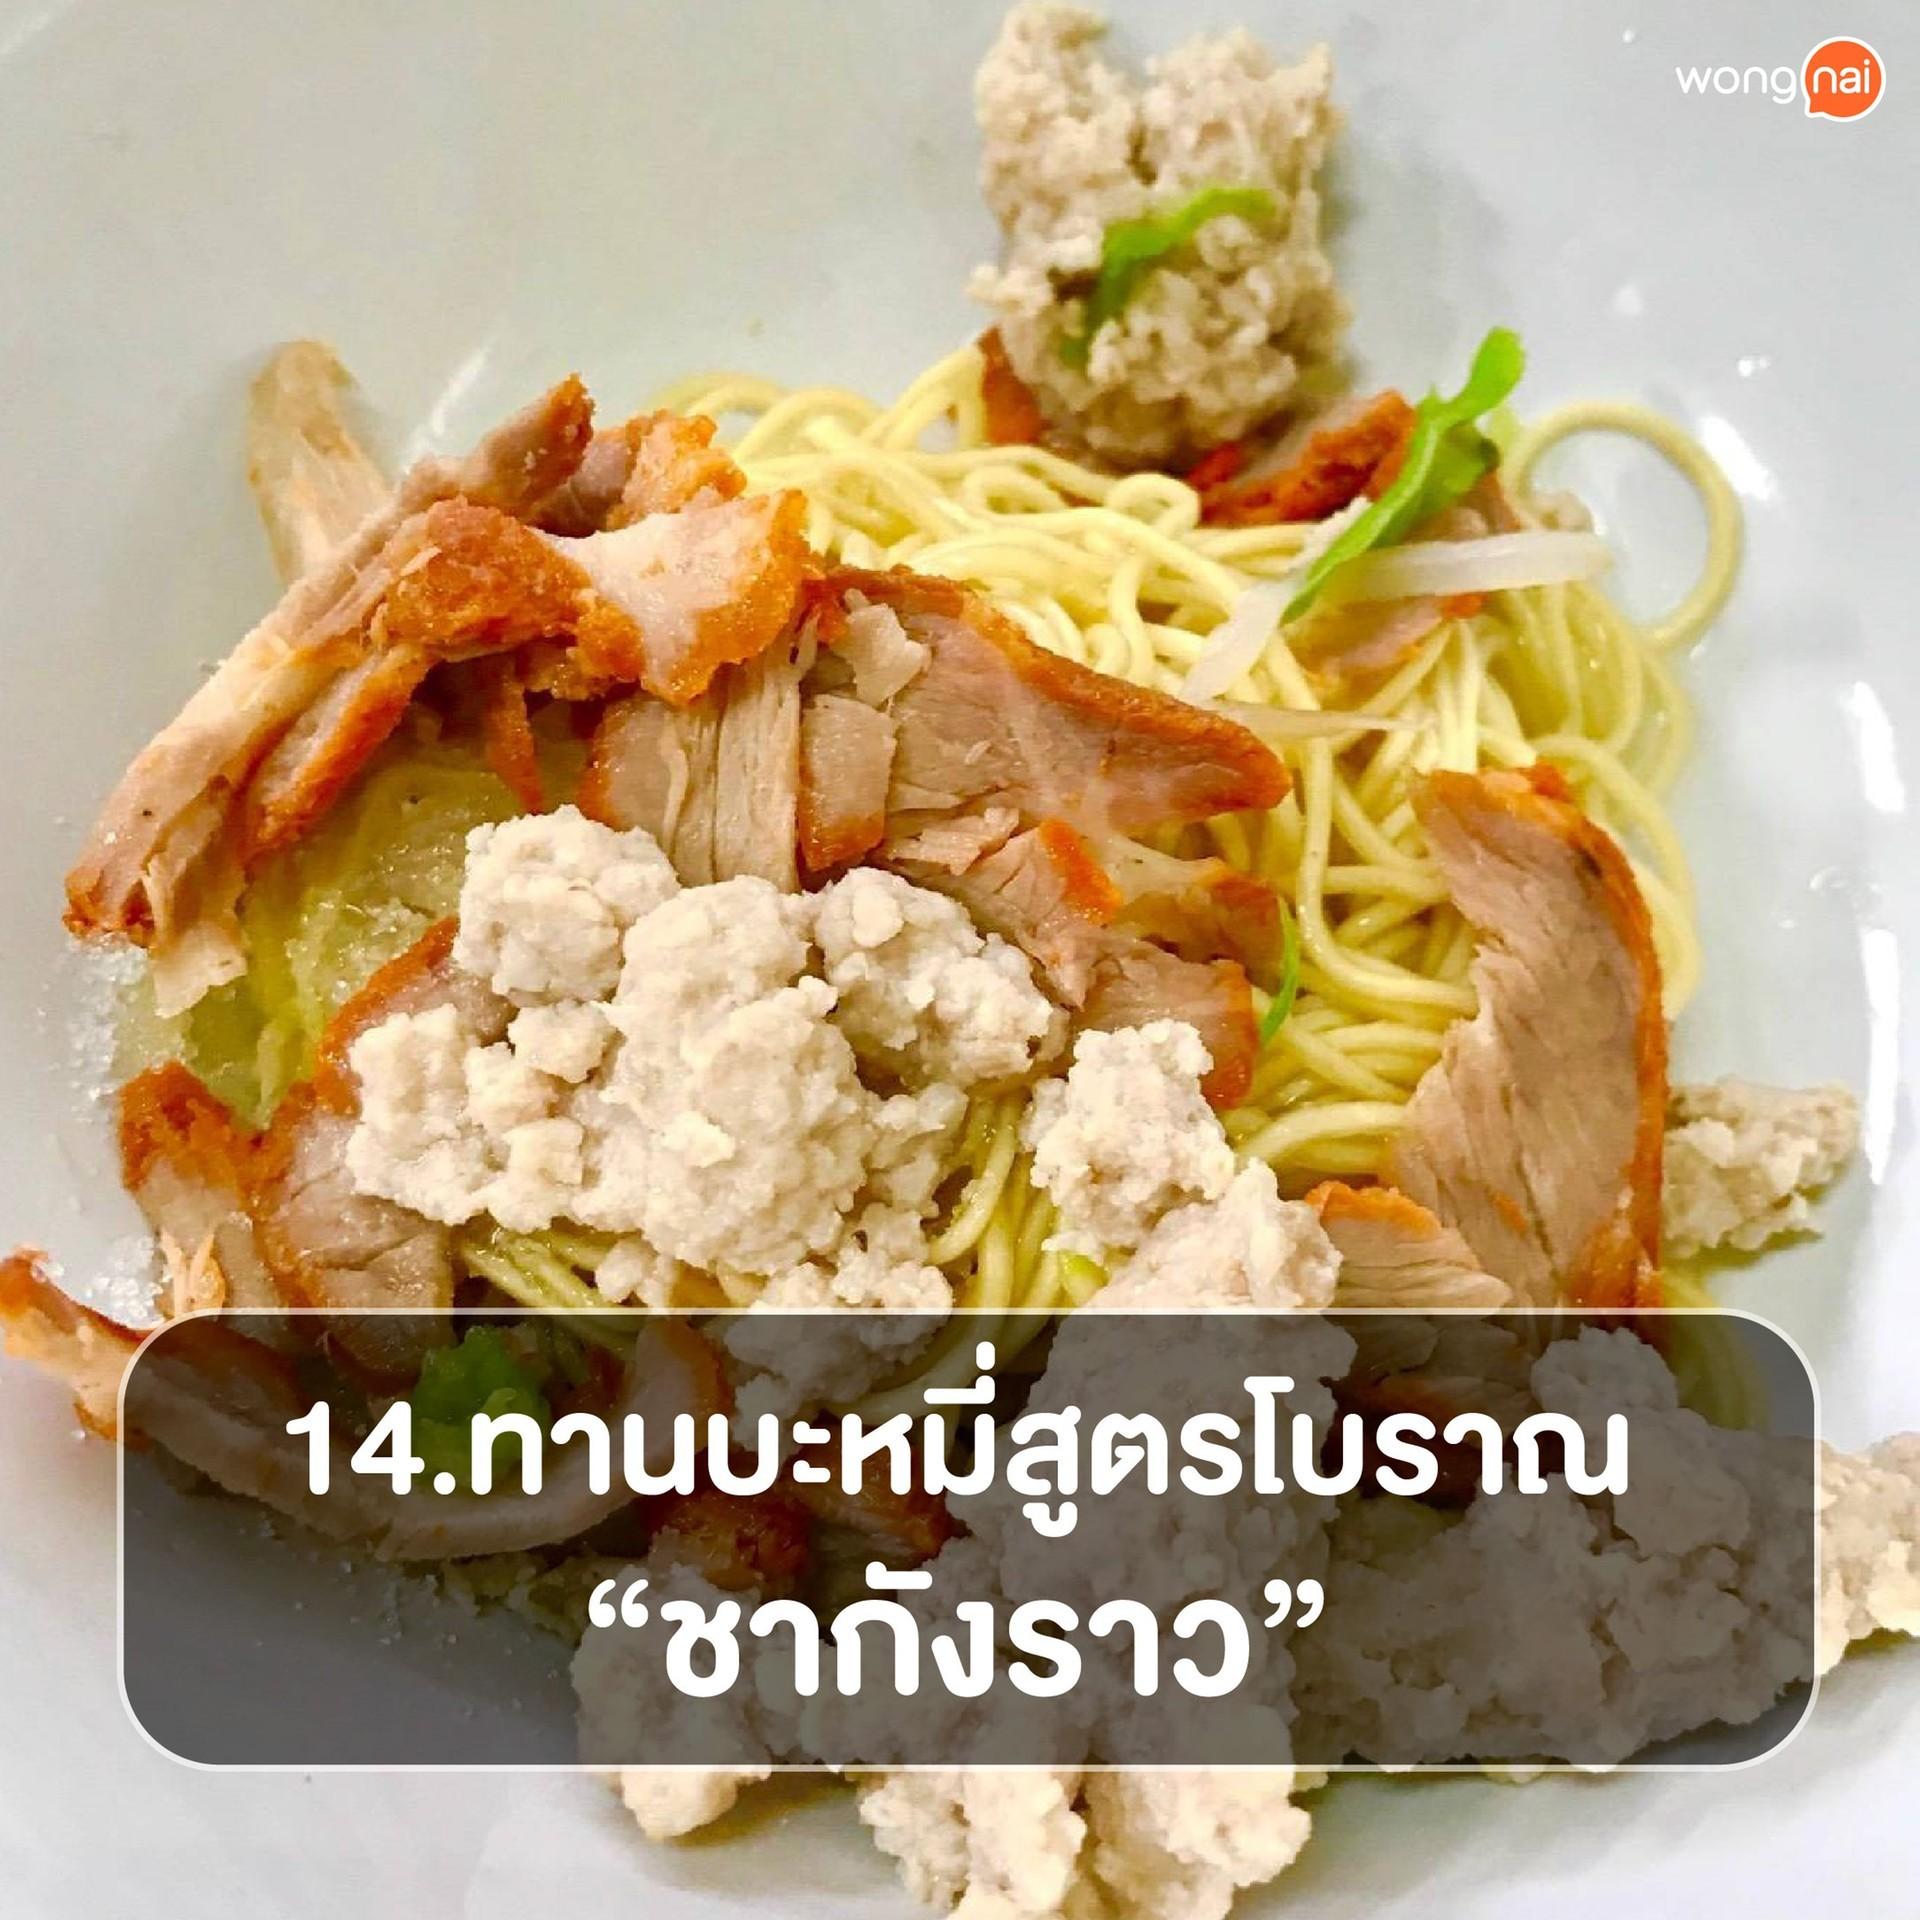 ไปทำไม Phuket? 25 สิ่งที่ต้องทำในภูเก็ต!